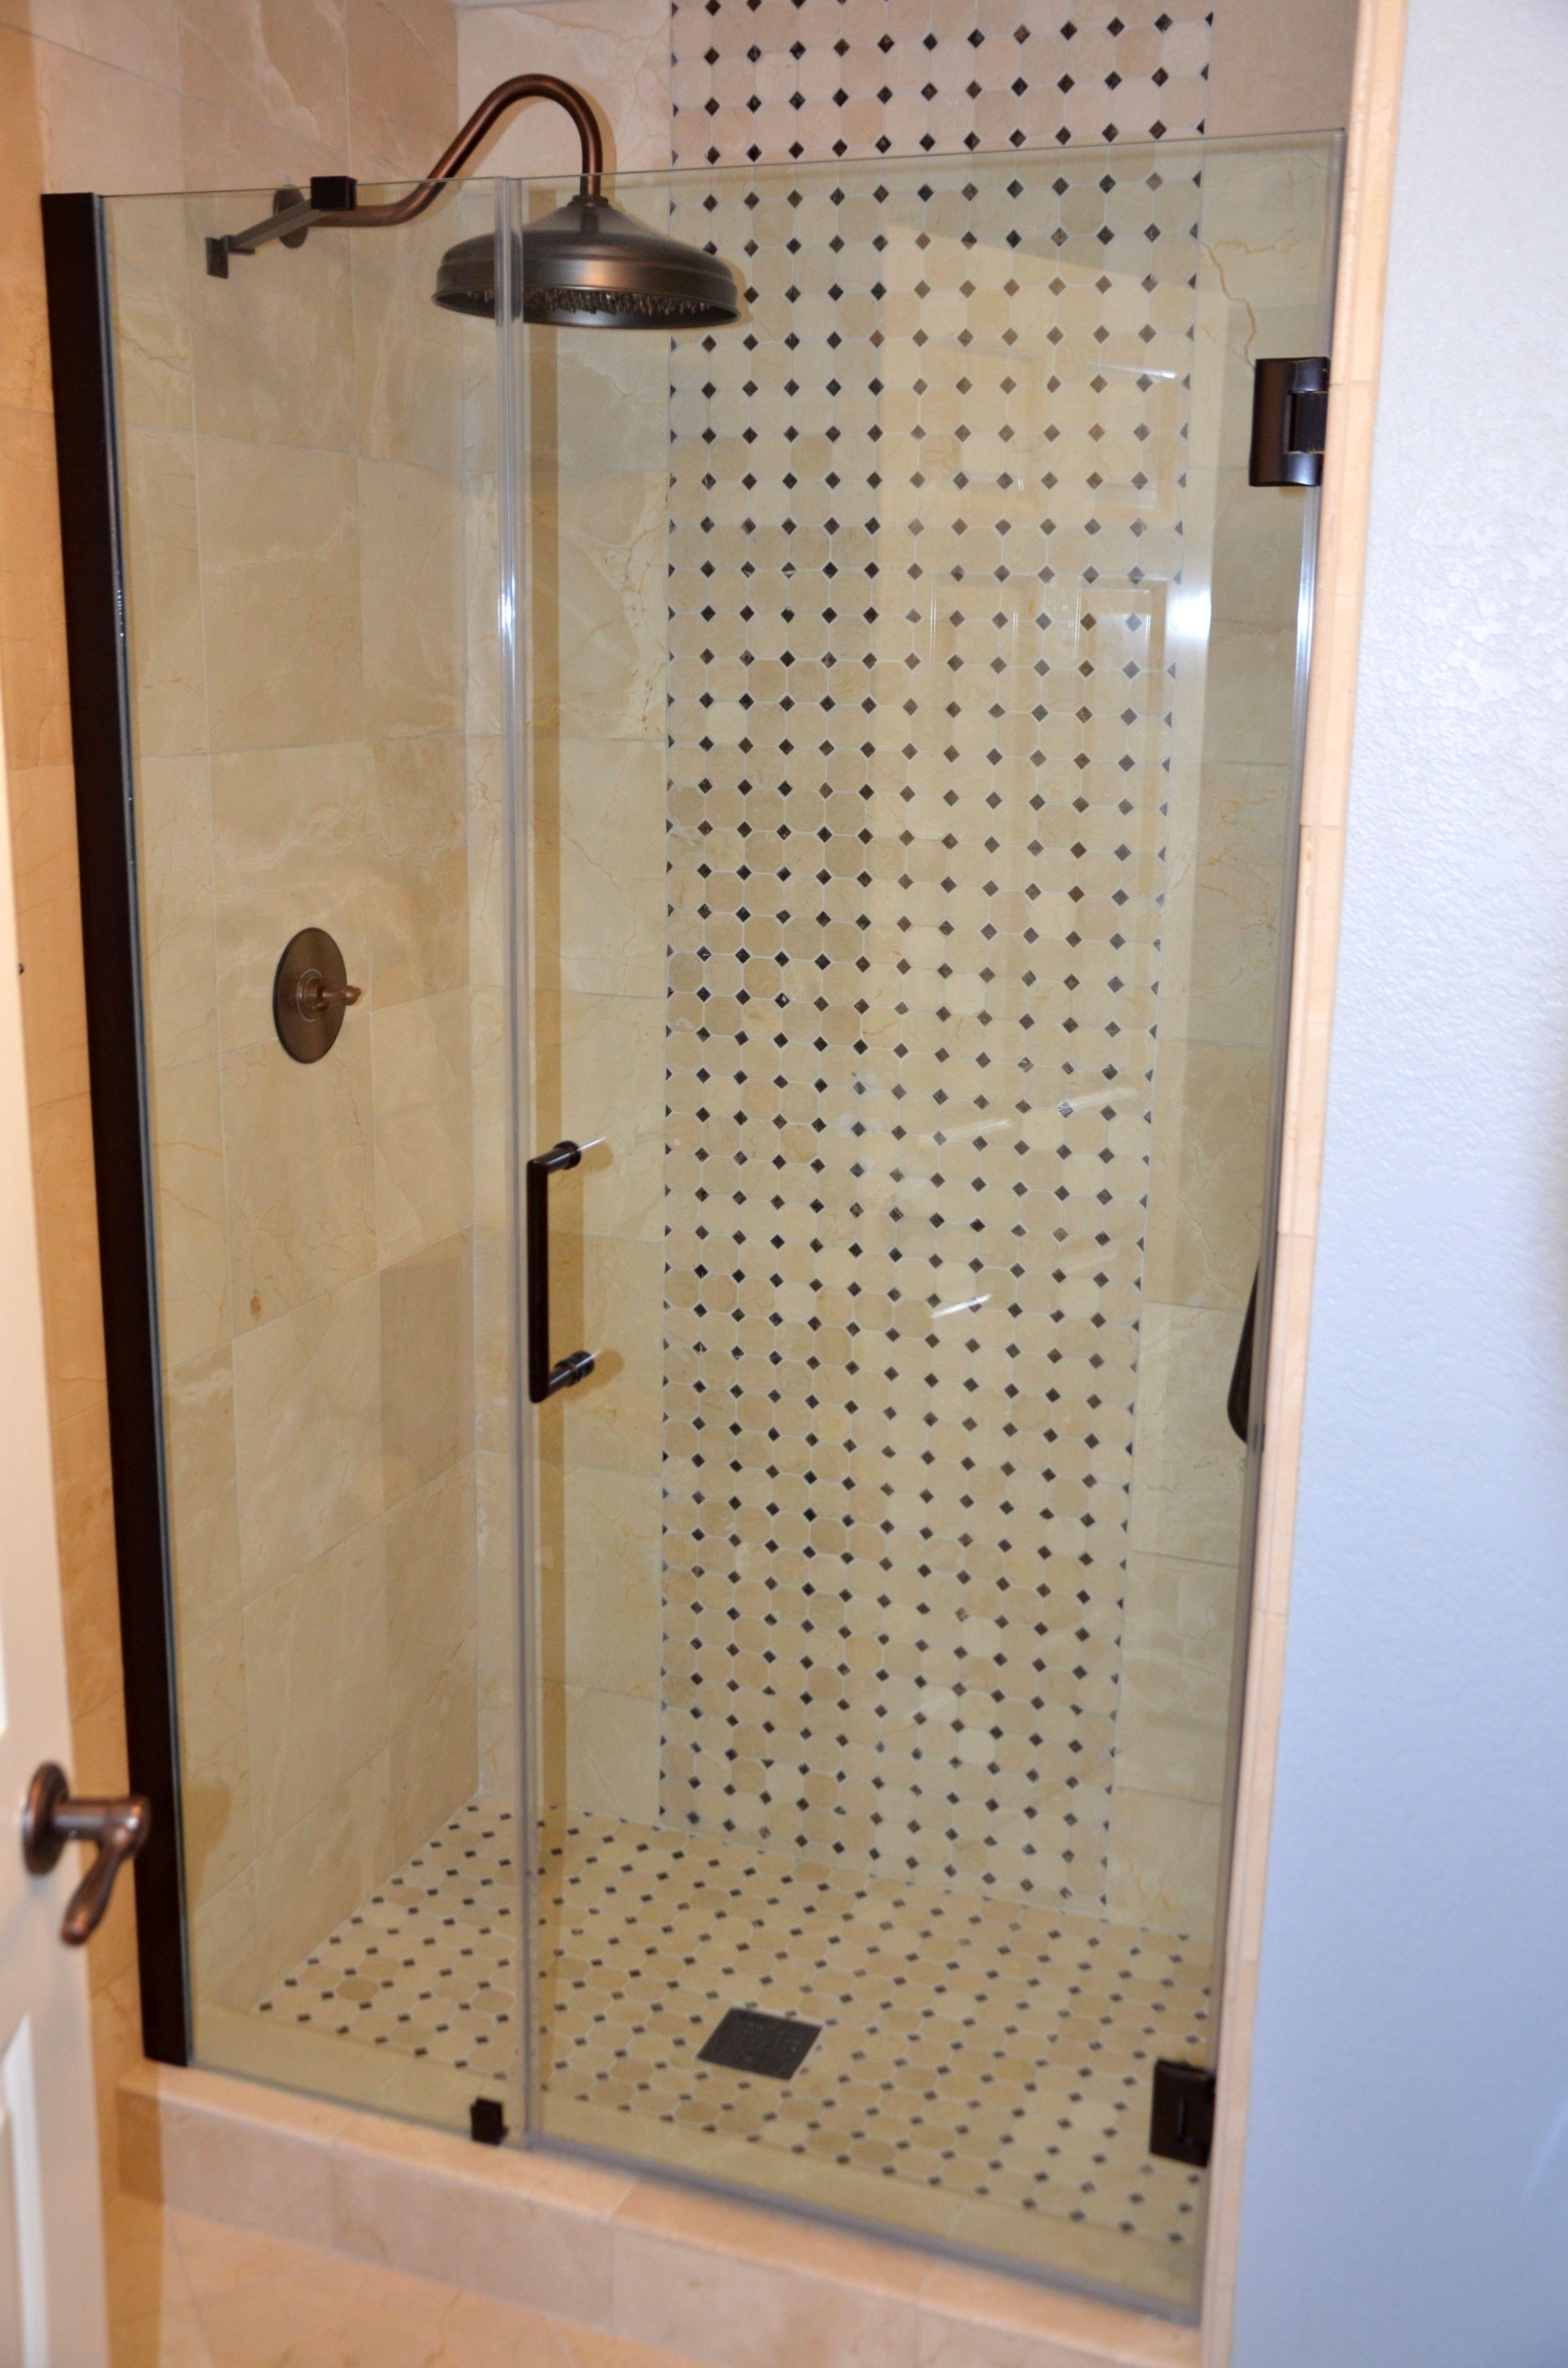 Bathroom Crema Marfil Mold In Bathroom Traditional Bathroom Unique Bathroom Design